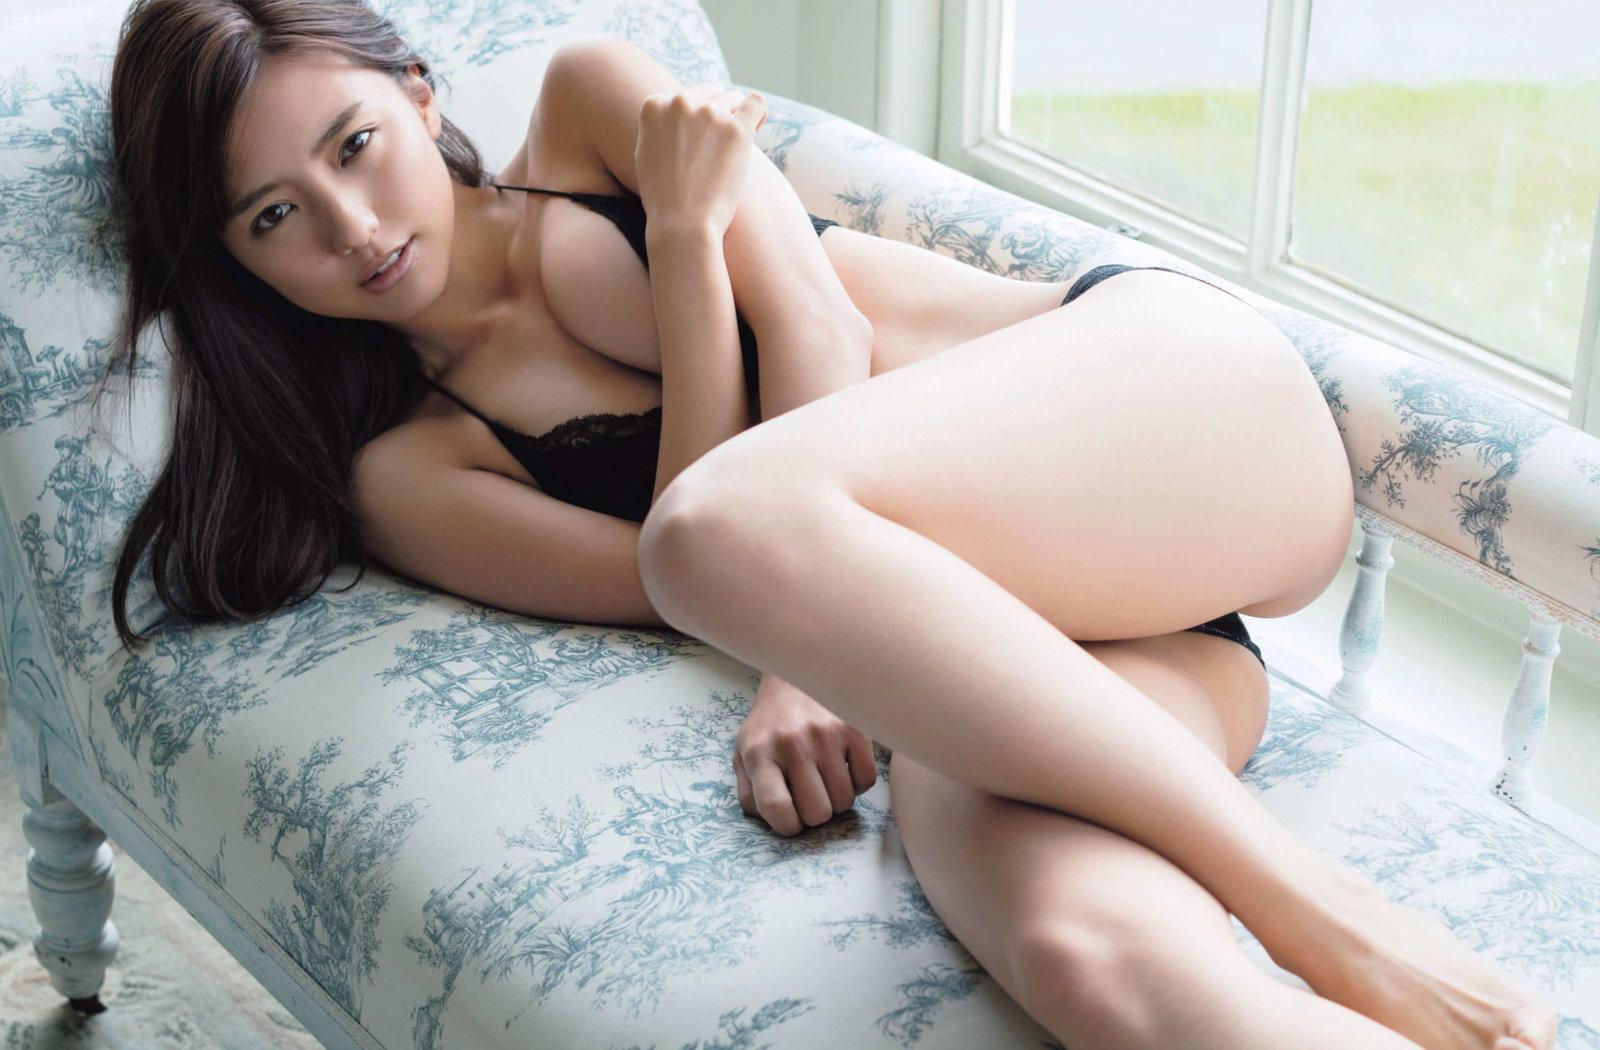 真野恵里菜 黒ランジェリー寄せ乳&食い込み尻セクシー画像